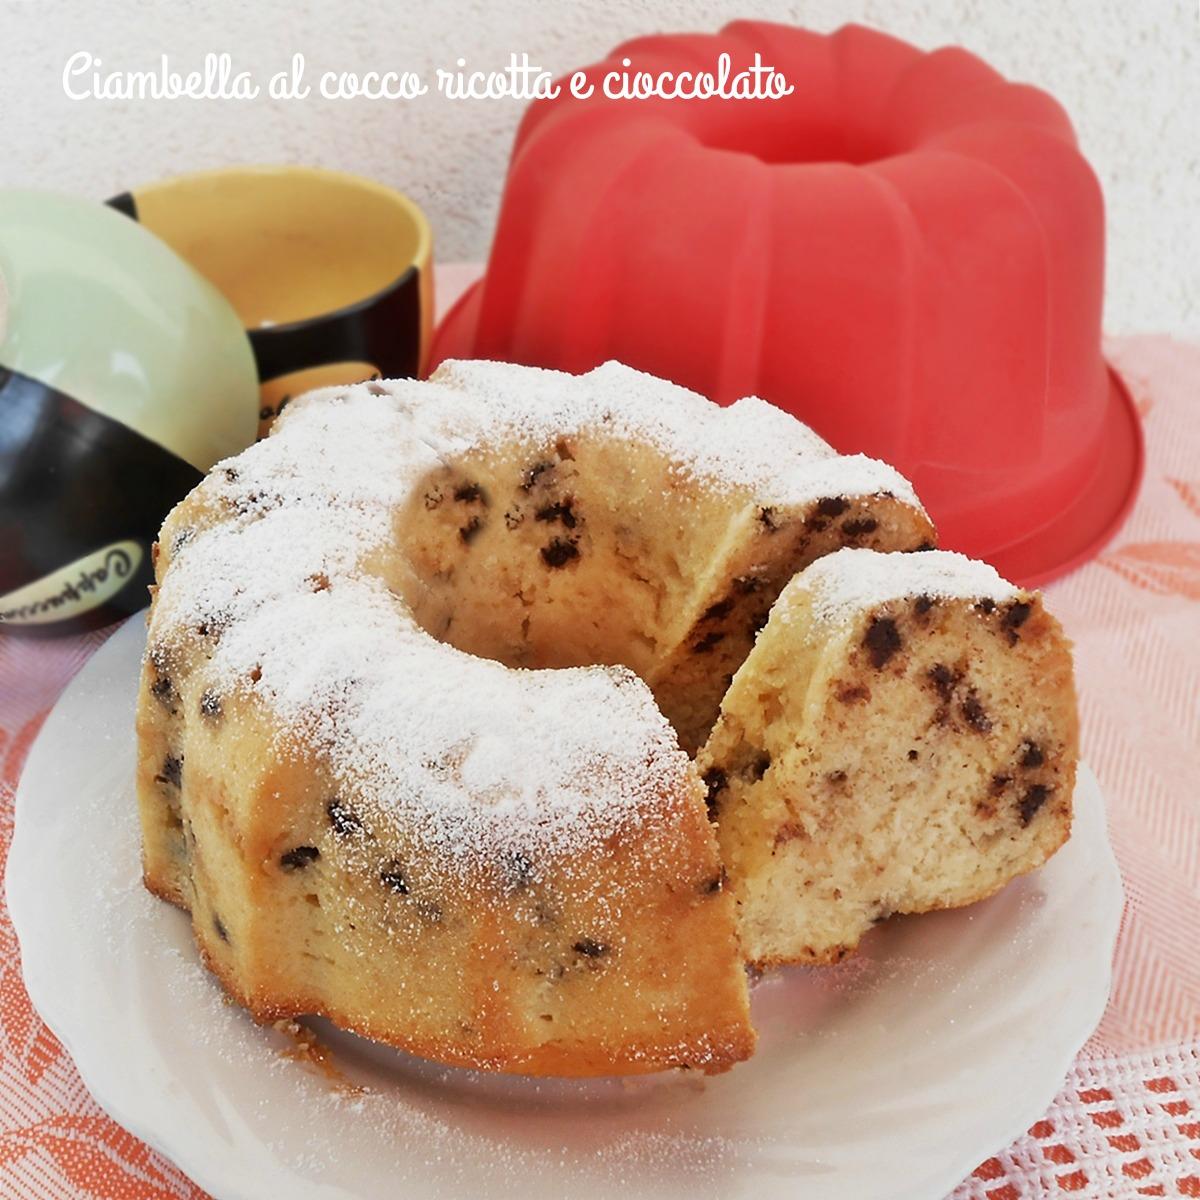 Ciambella al cocco ricotta e cioccolato ricetta